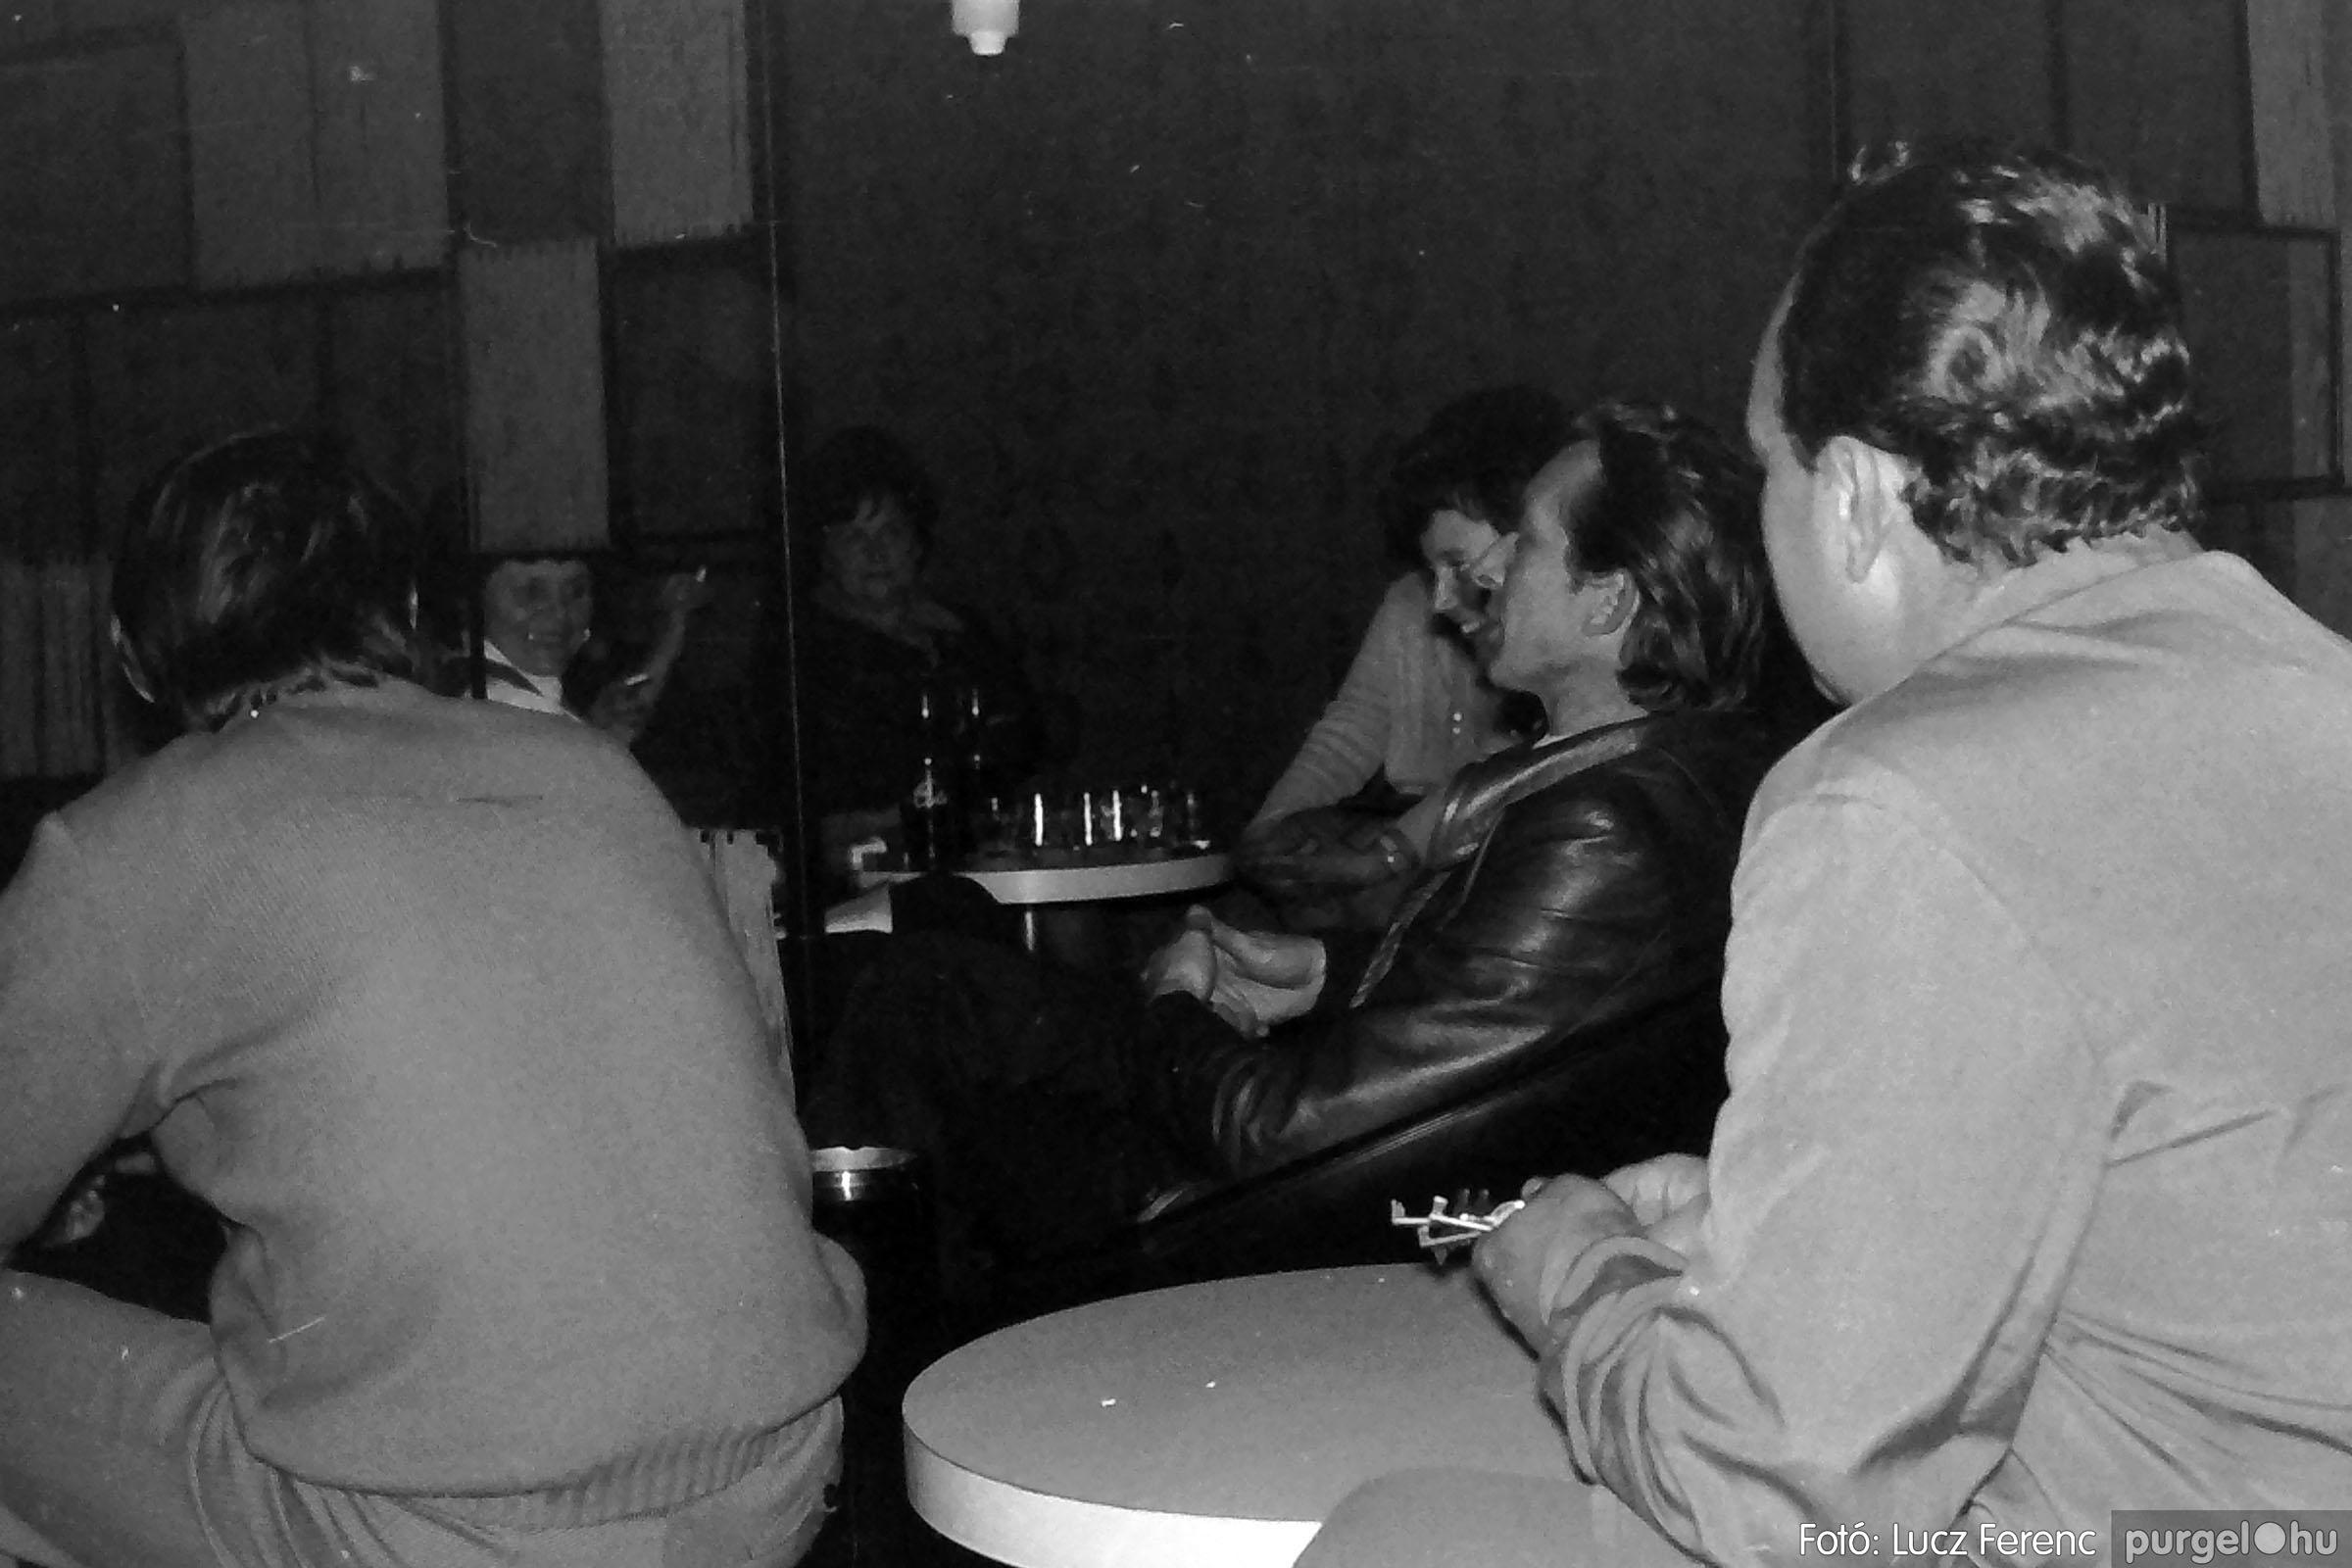 018-019 1975. Élet a kultúrházban 002 - Fotó: Lucz Ferenc IMG00041q.jpg